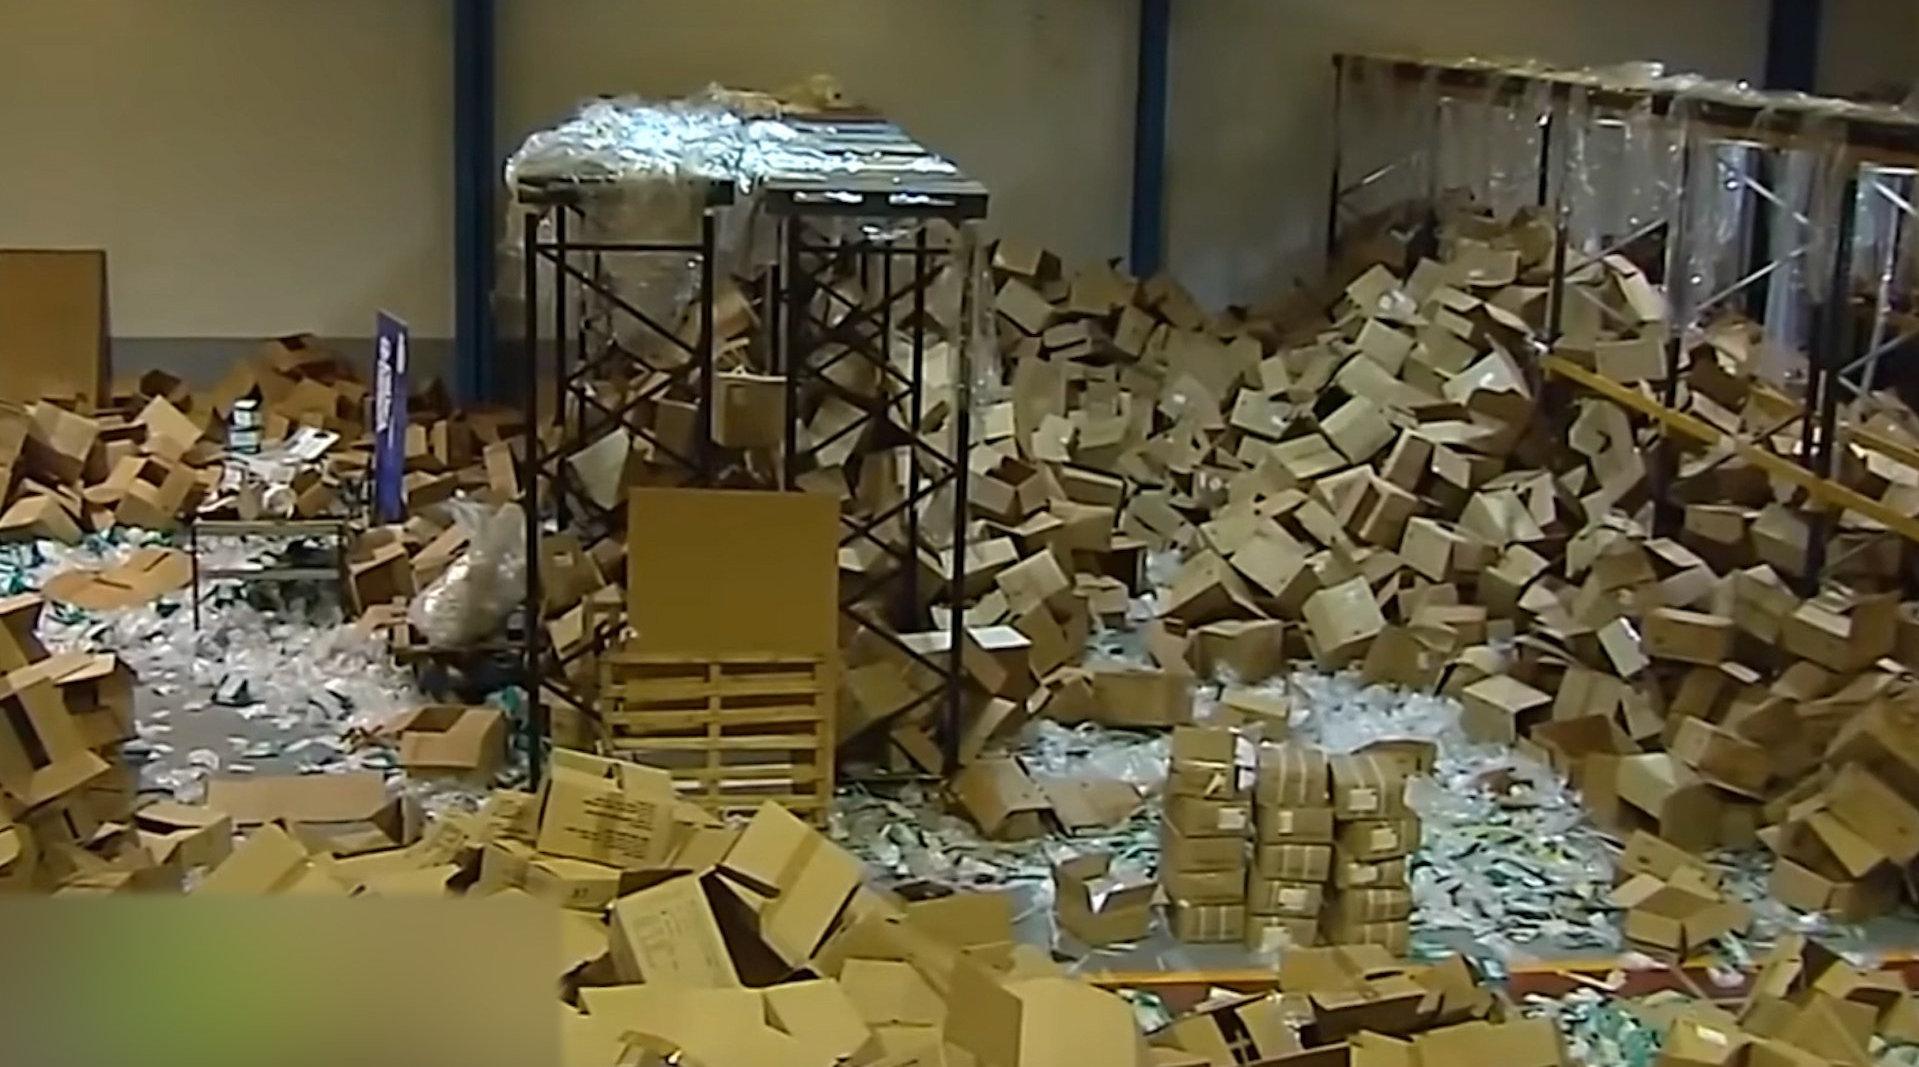 令人发指!西班牙死亡人数超1万 冷血盗贼却掏空仓库200万只口罩